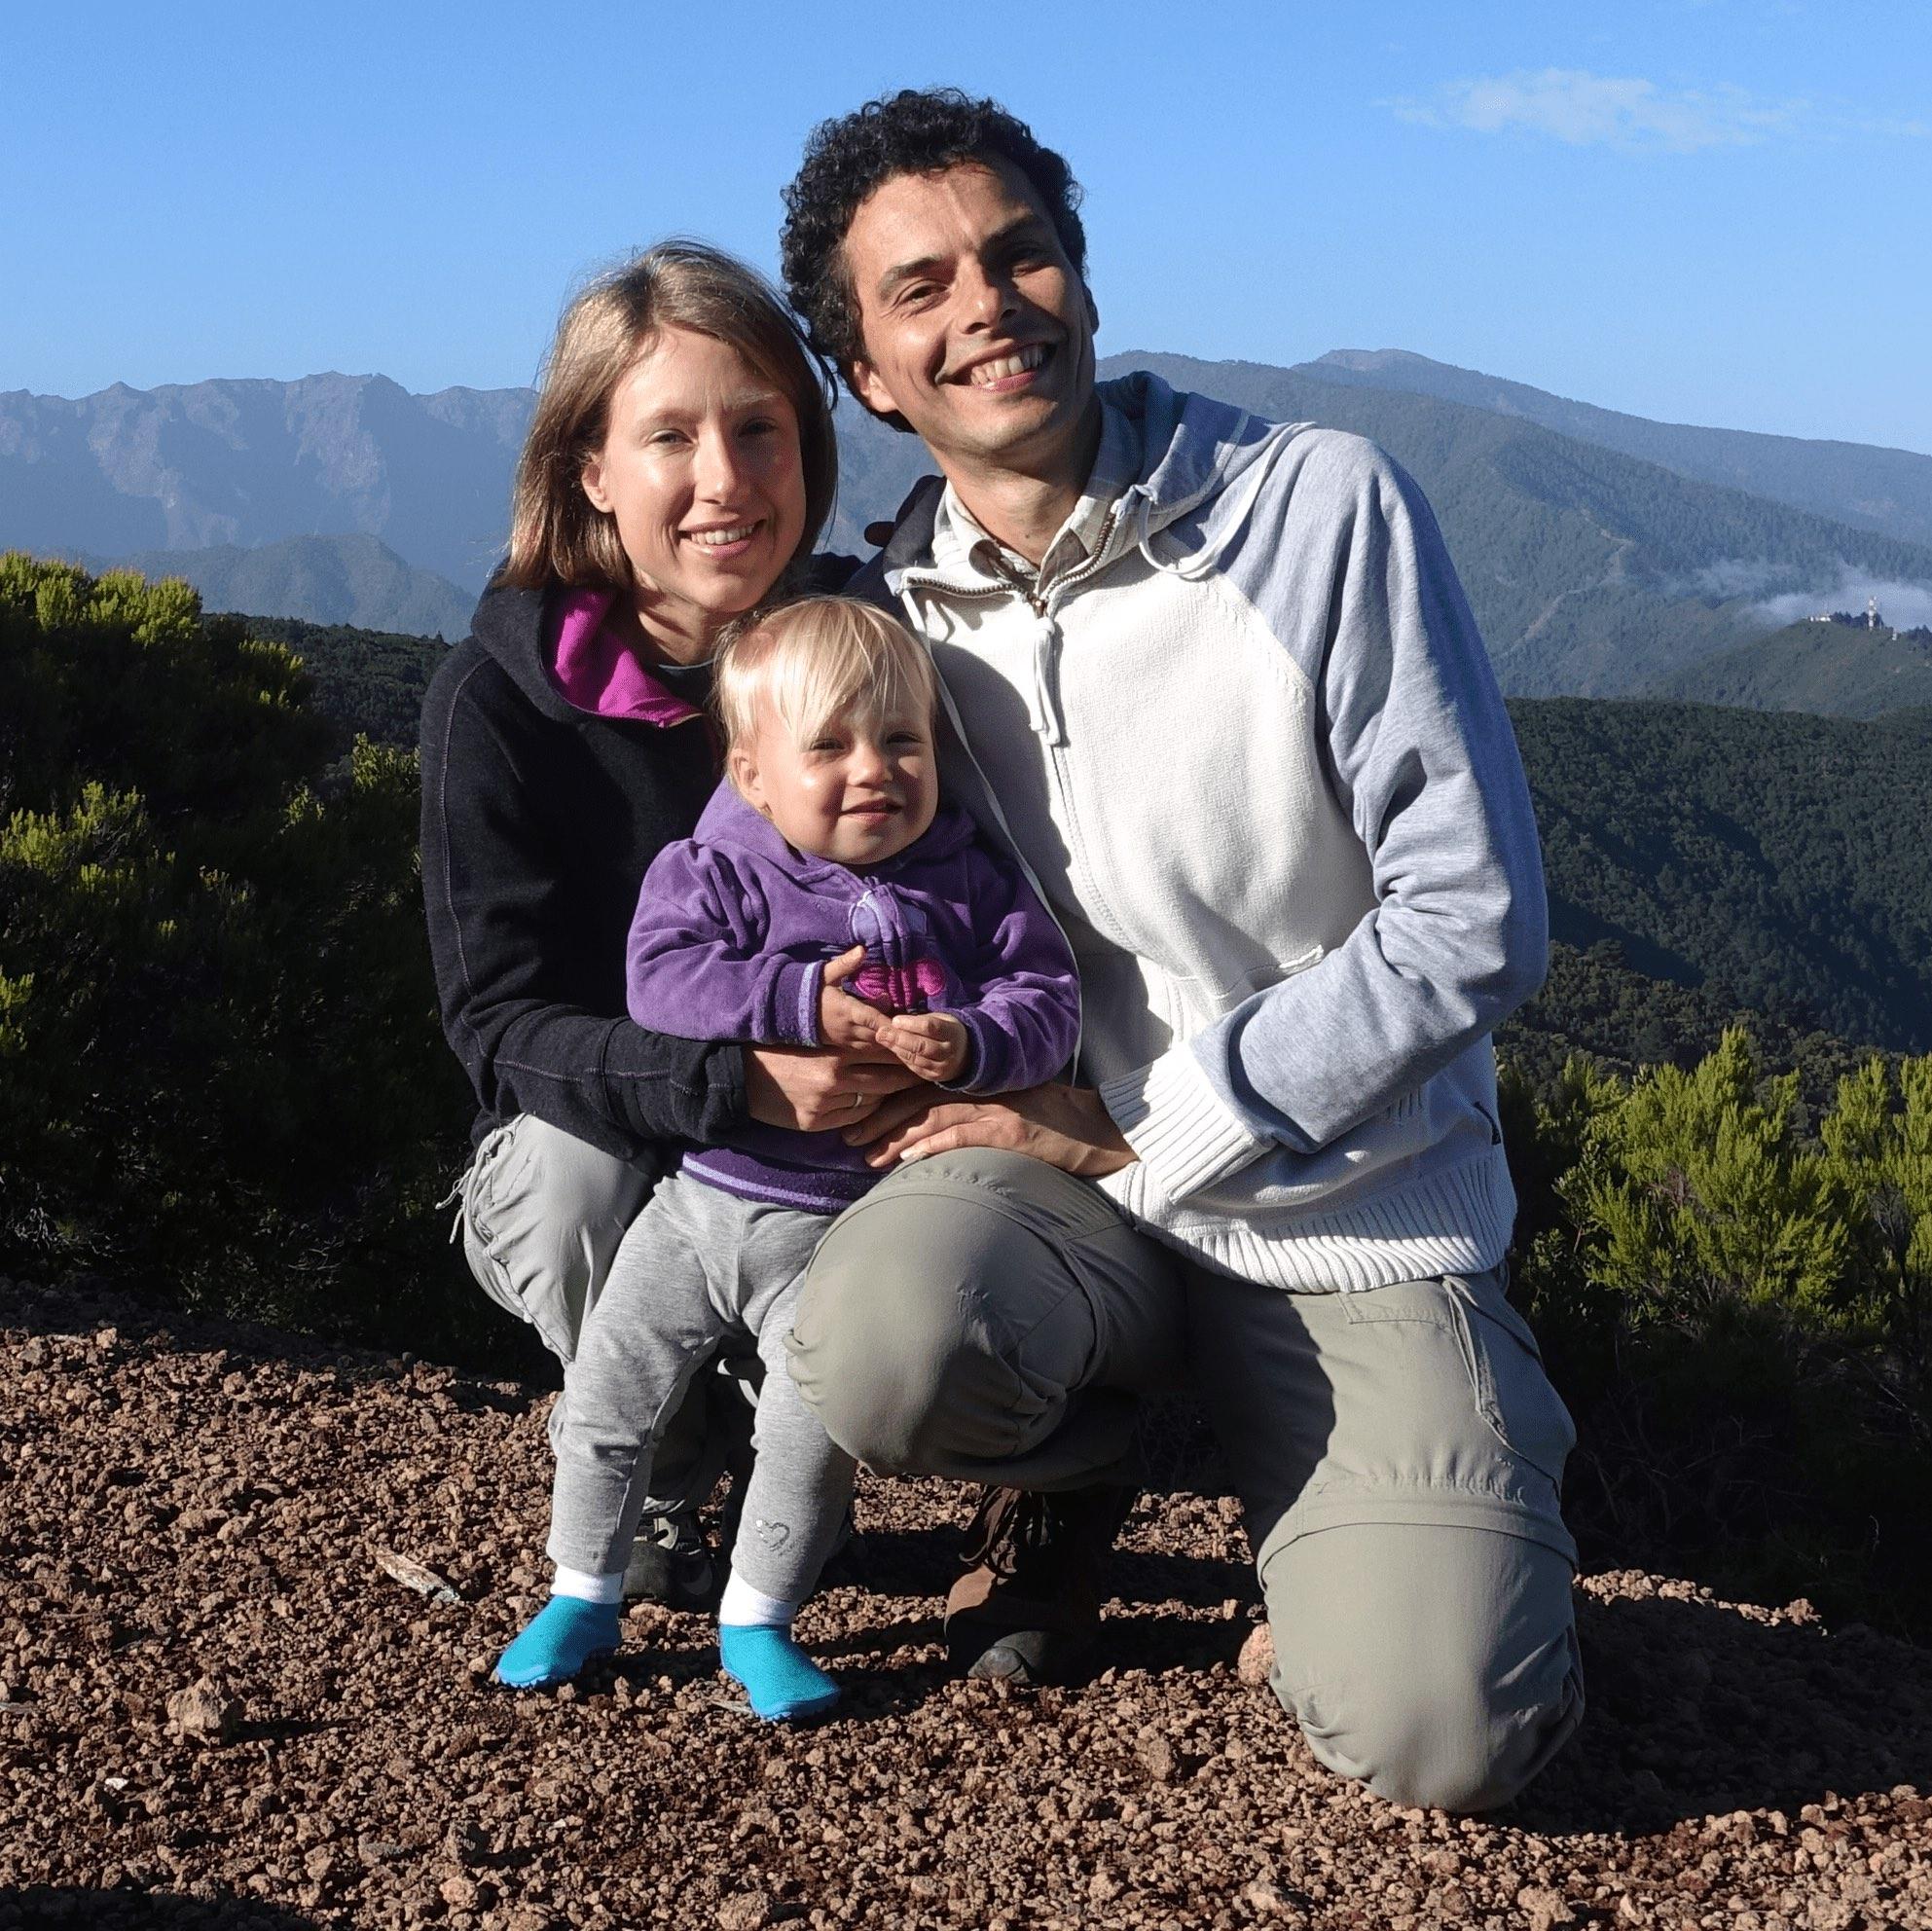 """Verena & Do  mink - (Wellagingkongress)   Verena & Dominik sind mit ihrer 2-jährigen Tochter Feline seit Oktober auf Reisen. Sie haben sich von allem befreit, was sie in Deutschland festhielt: Job, Wohnung, Auto... Unzufrieden mit dem herkömmlichen, """"bürgerlichen"""" Leben, haben Sie sich auf die Reise gemacht, um herauszufinden, was sie eigentlich wollen in ihrem Leben. Dazu gehört das Finden der Berufung (das mit dem Well-Aging-Kongress für Verena anfing), eines angenehmen Lebensortes sowie einer passenden Gemeinschaft."""